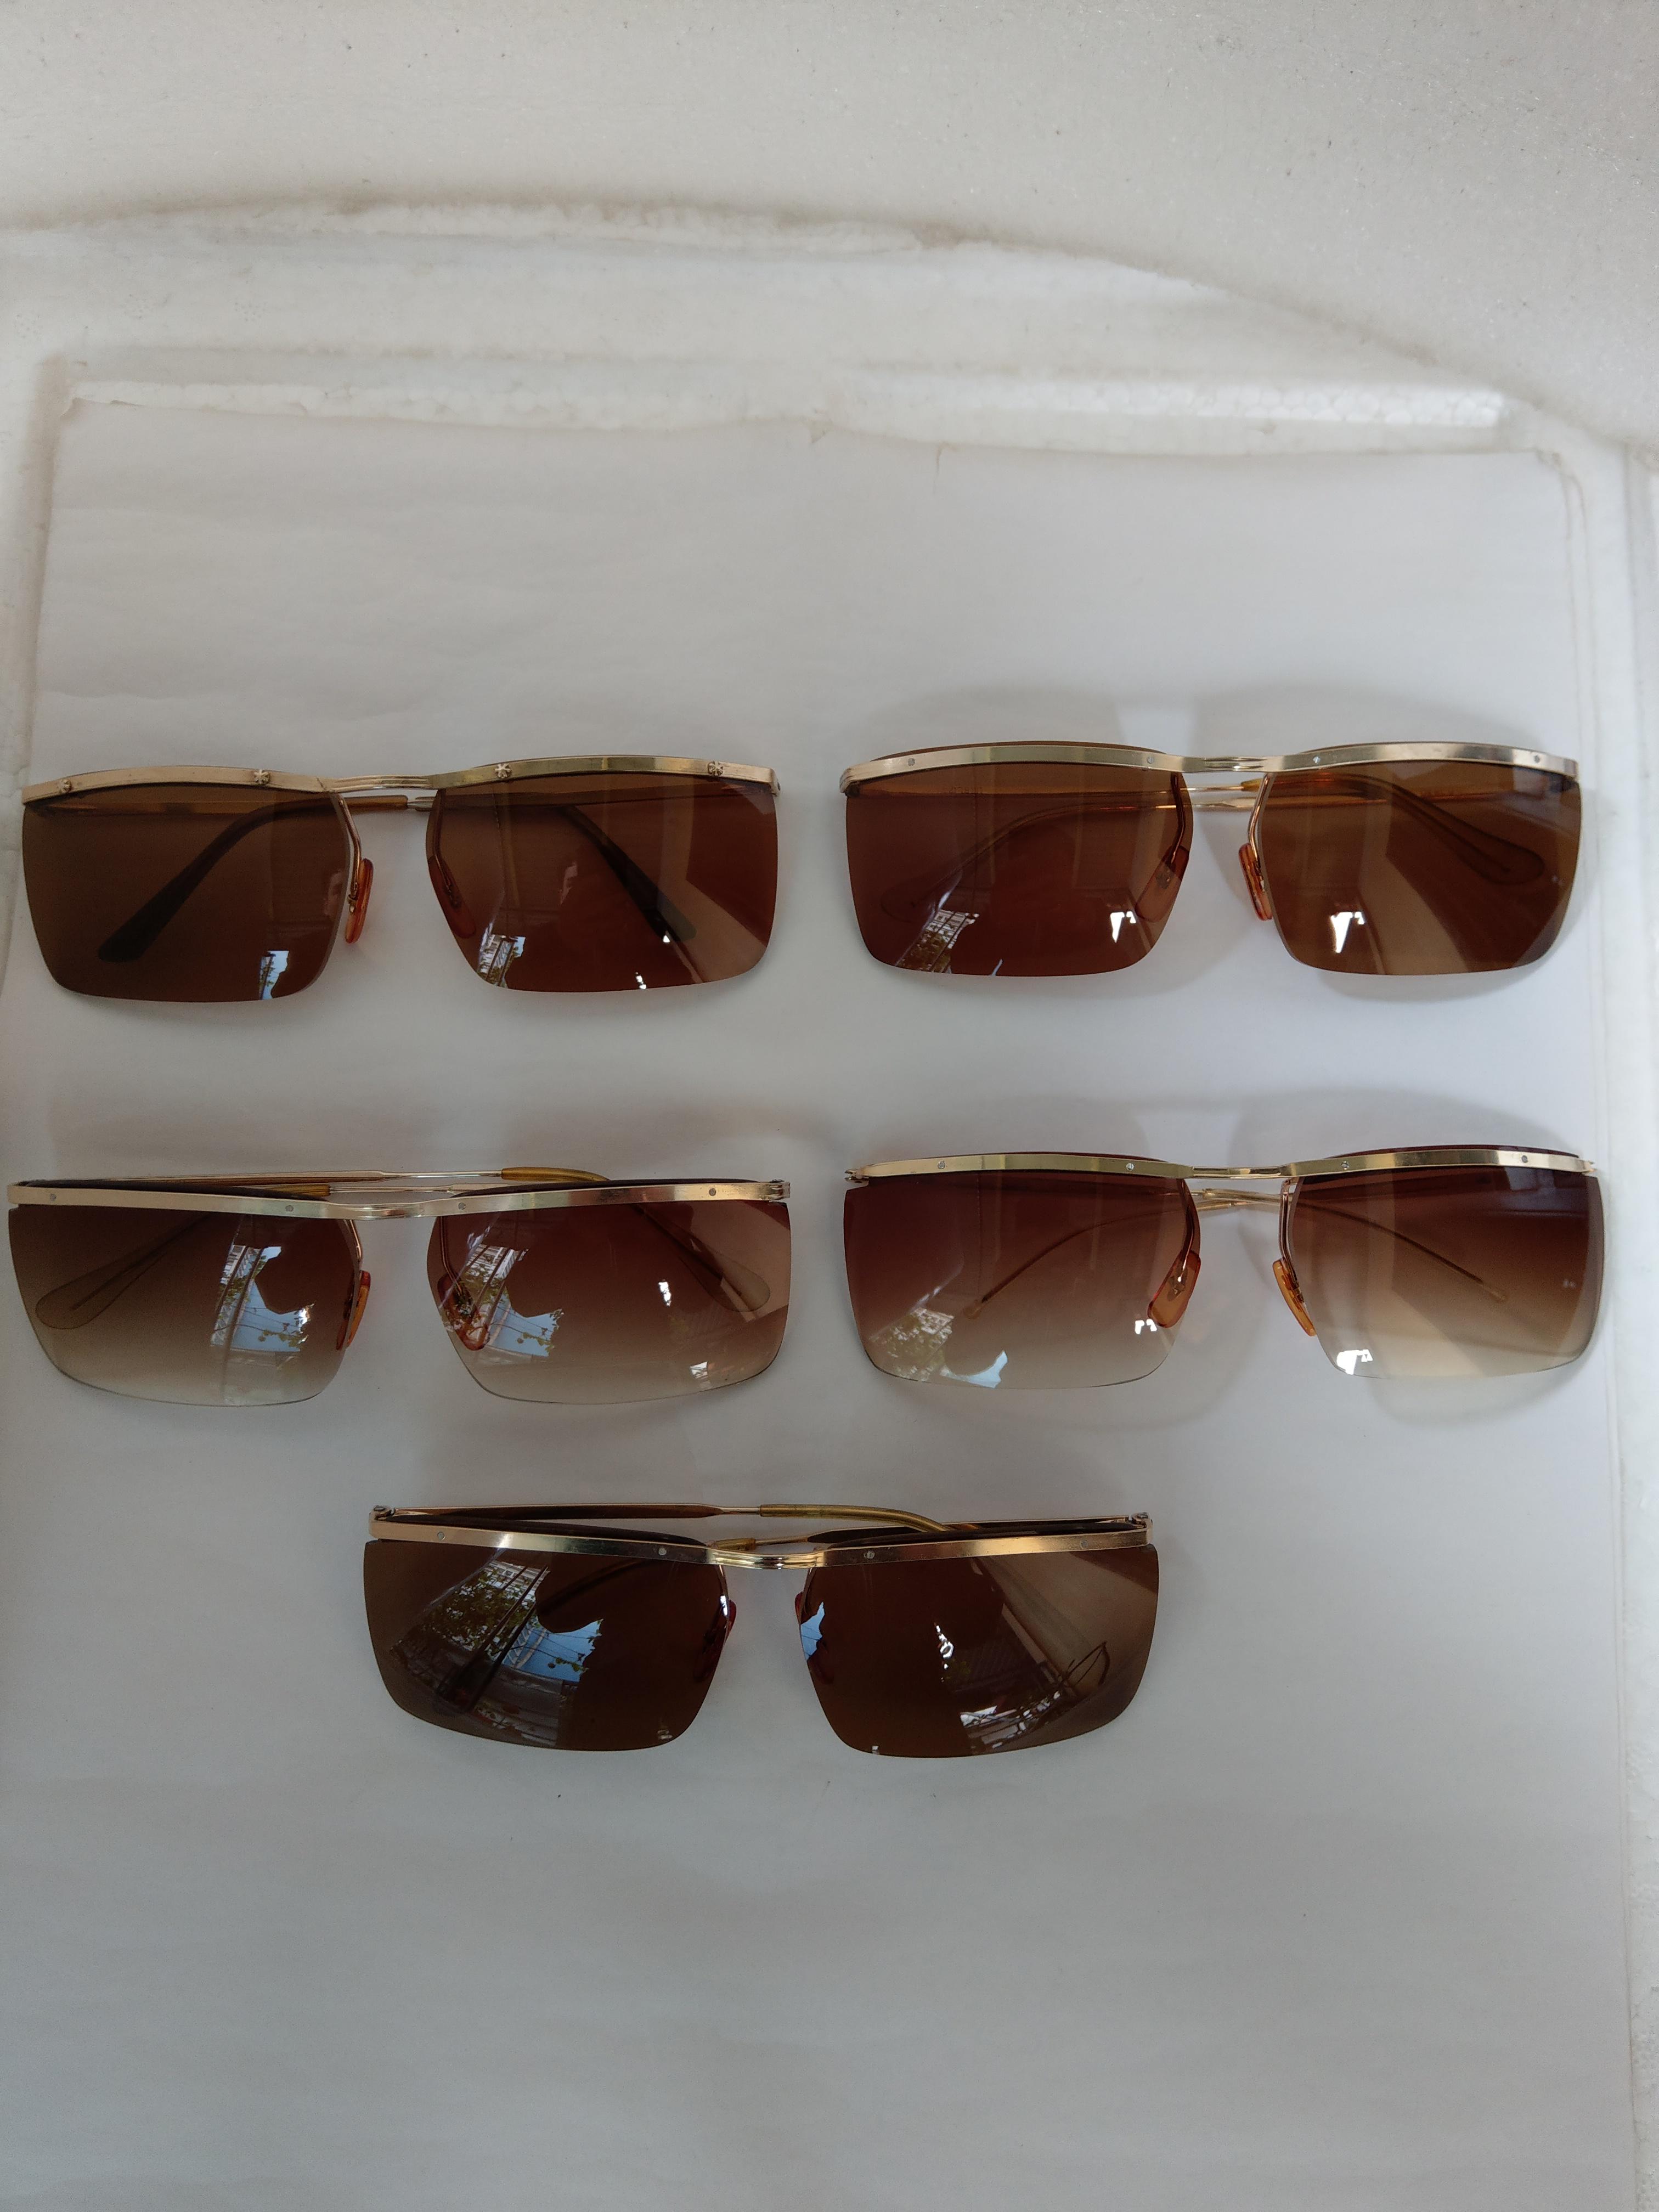 6 5 cái kính cổ  bọc vàng mới về có đầy đủ các thương hiệu nổi tiếng trên toàn thế giới.